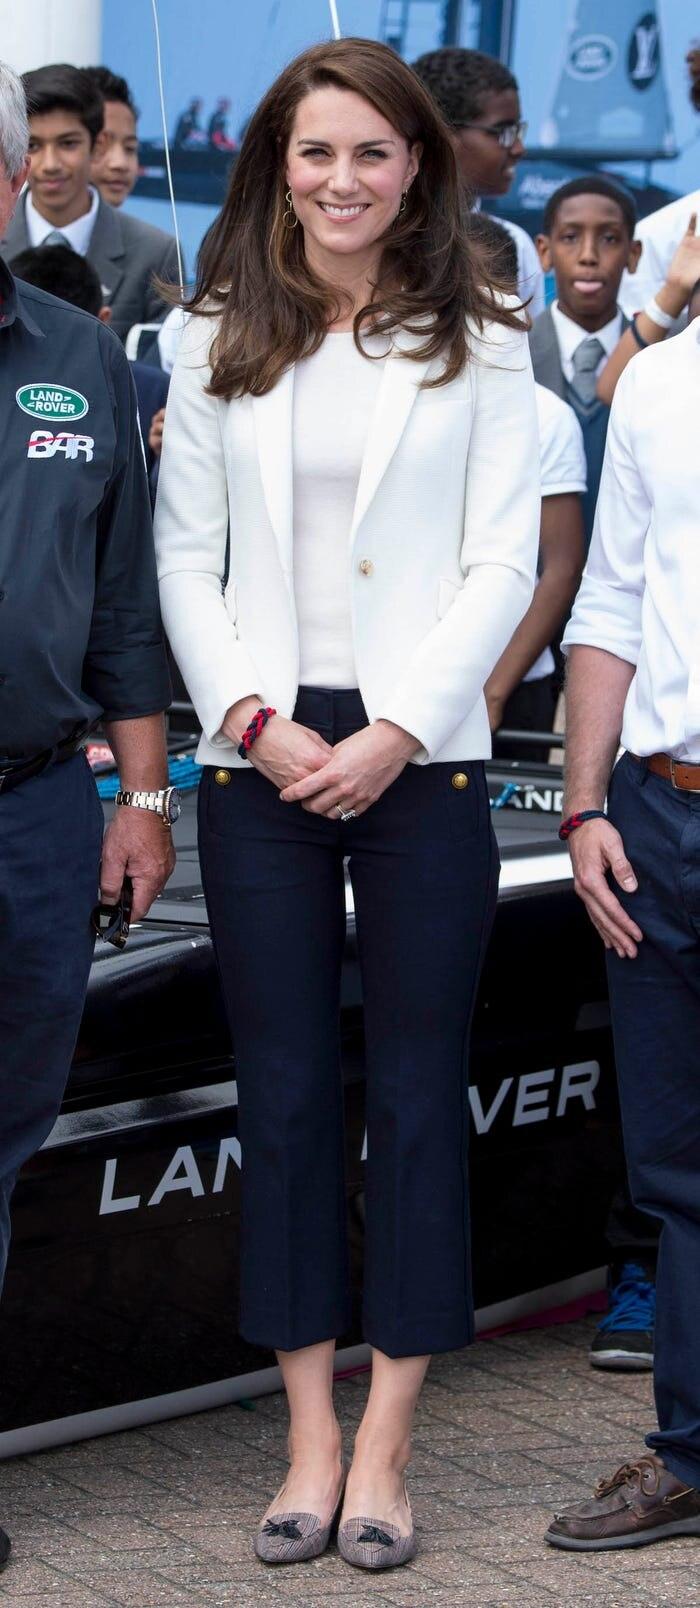 Gia tài triệu đô nhưng vẫn tiết kiệm, công nương Kate là fan trung thành của thời trang bình dân - Hình 15